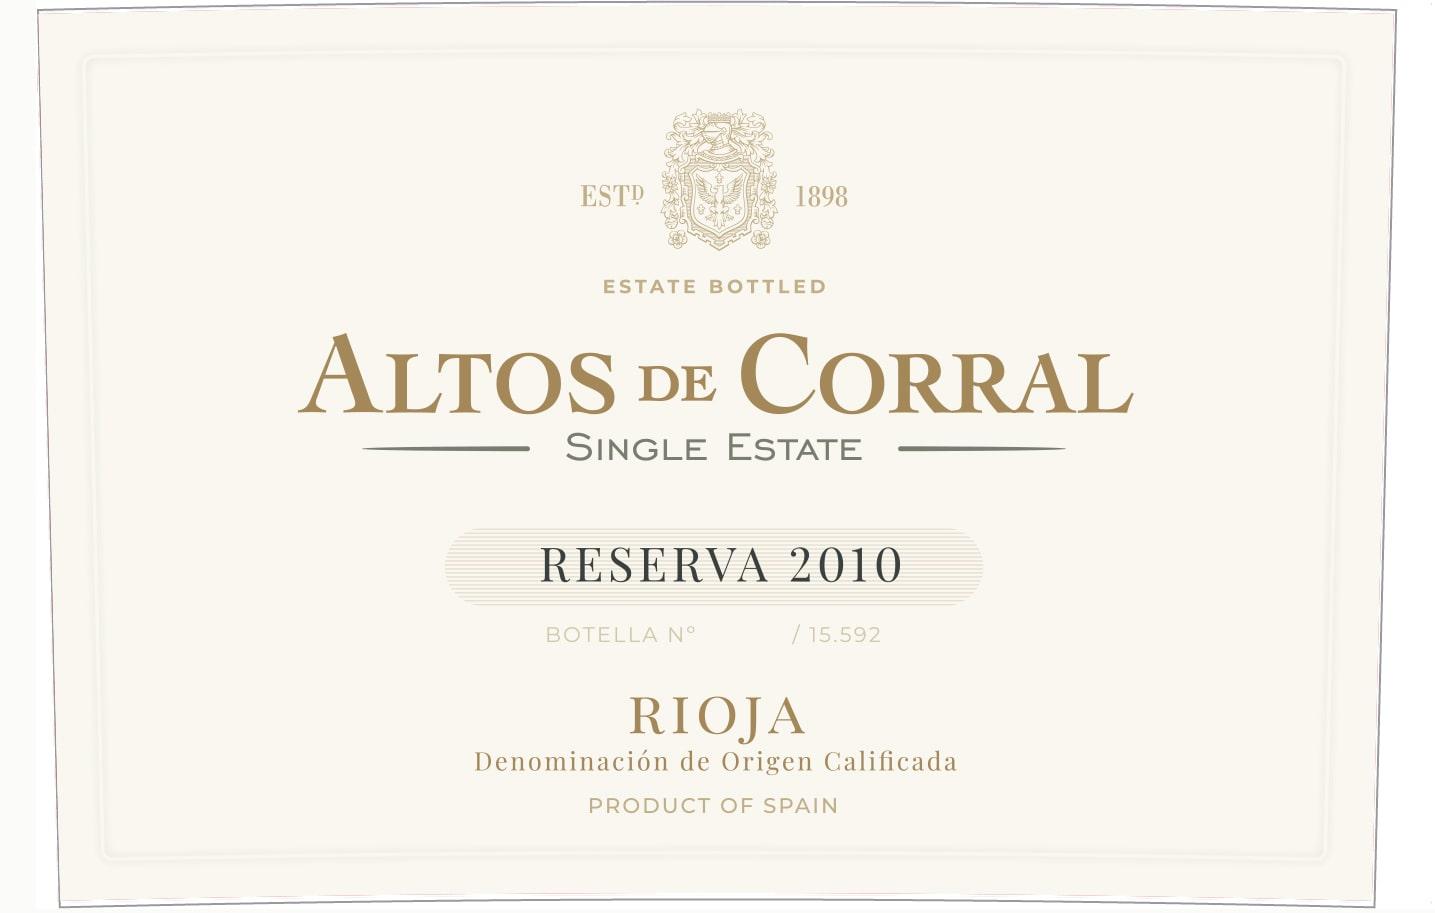 Altos De Corral Single Estate Reserva